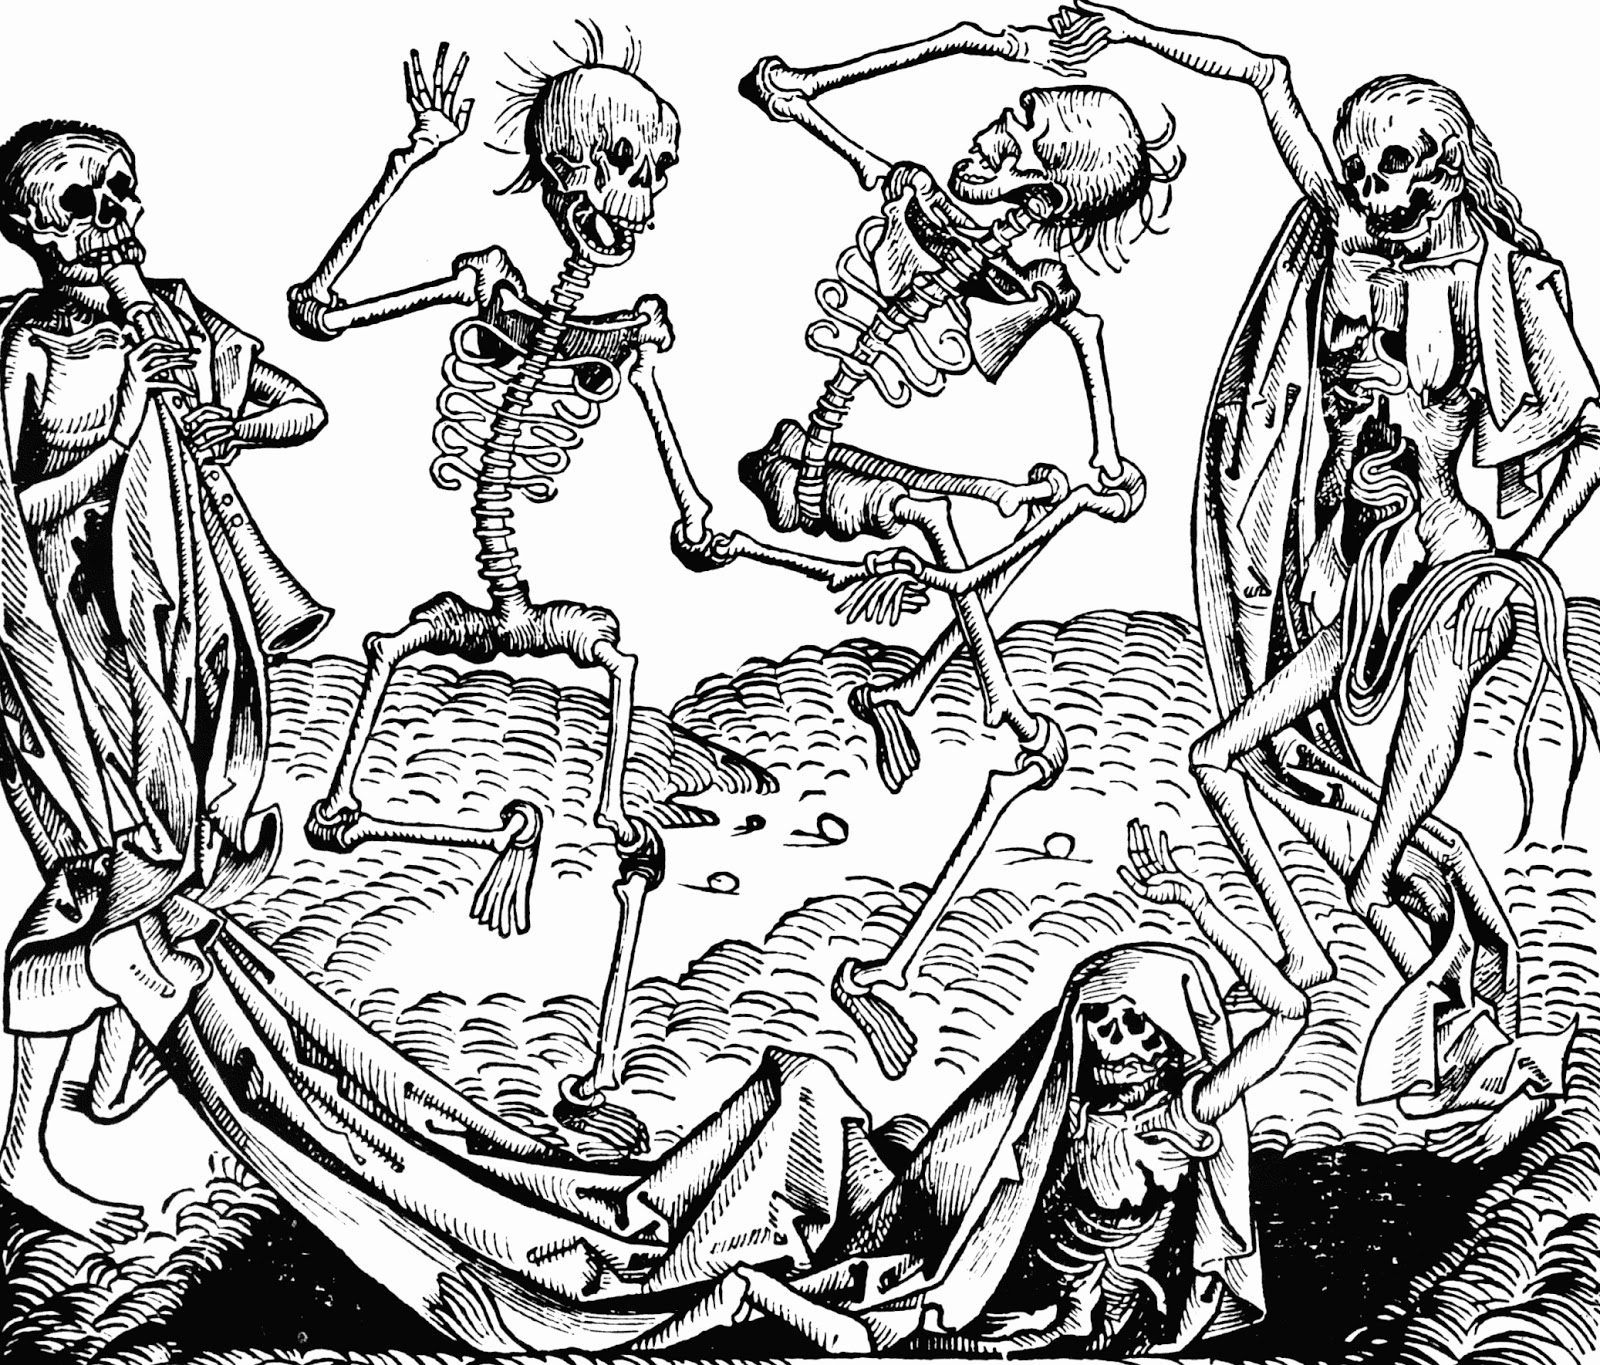 historiens de la sant d cembre 2012 Academic Resume Format les diff rents visages de la mort